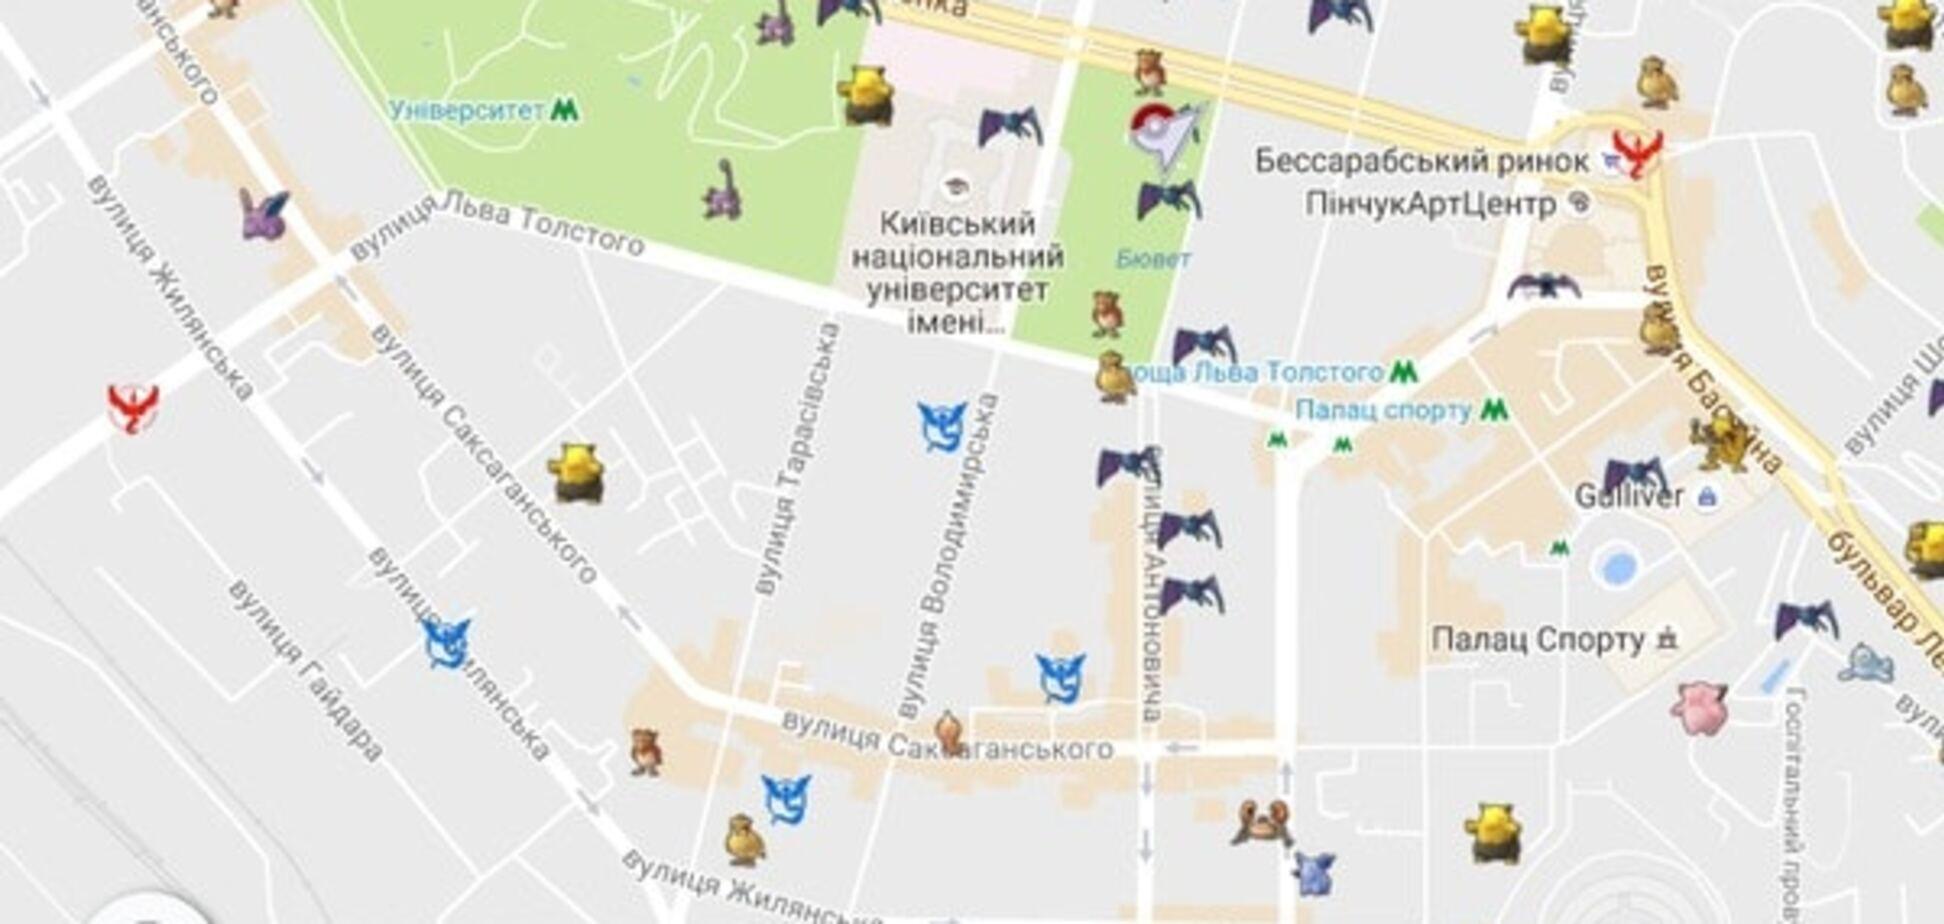 Карта покемонов в Киеве